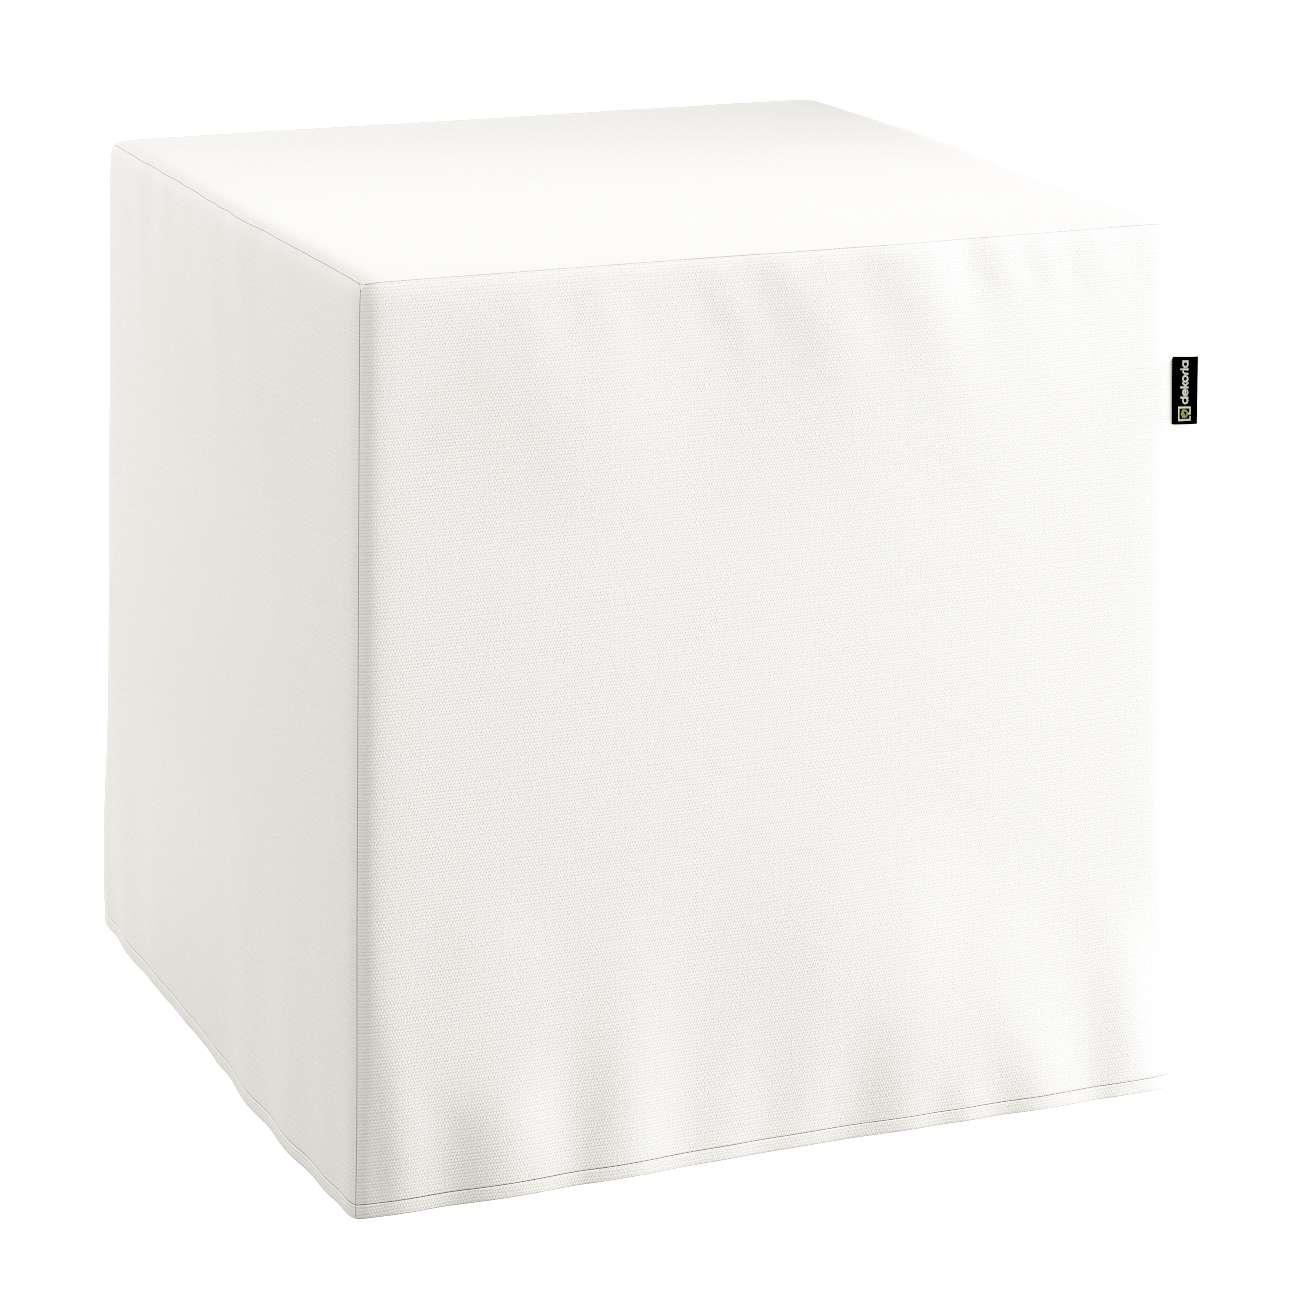 Pokrowiec na pufę kostke kostka 40x40x40 cm w kolekcji Cotton Panama, tkanina: 702-34